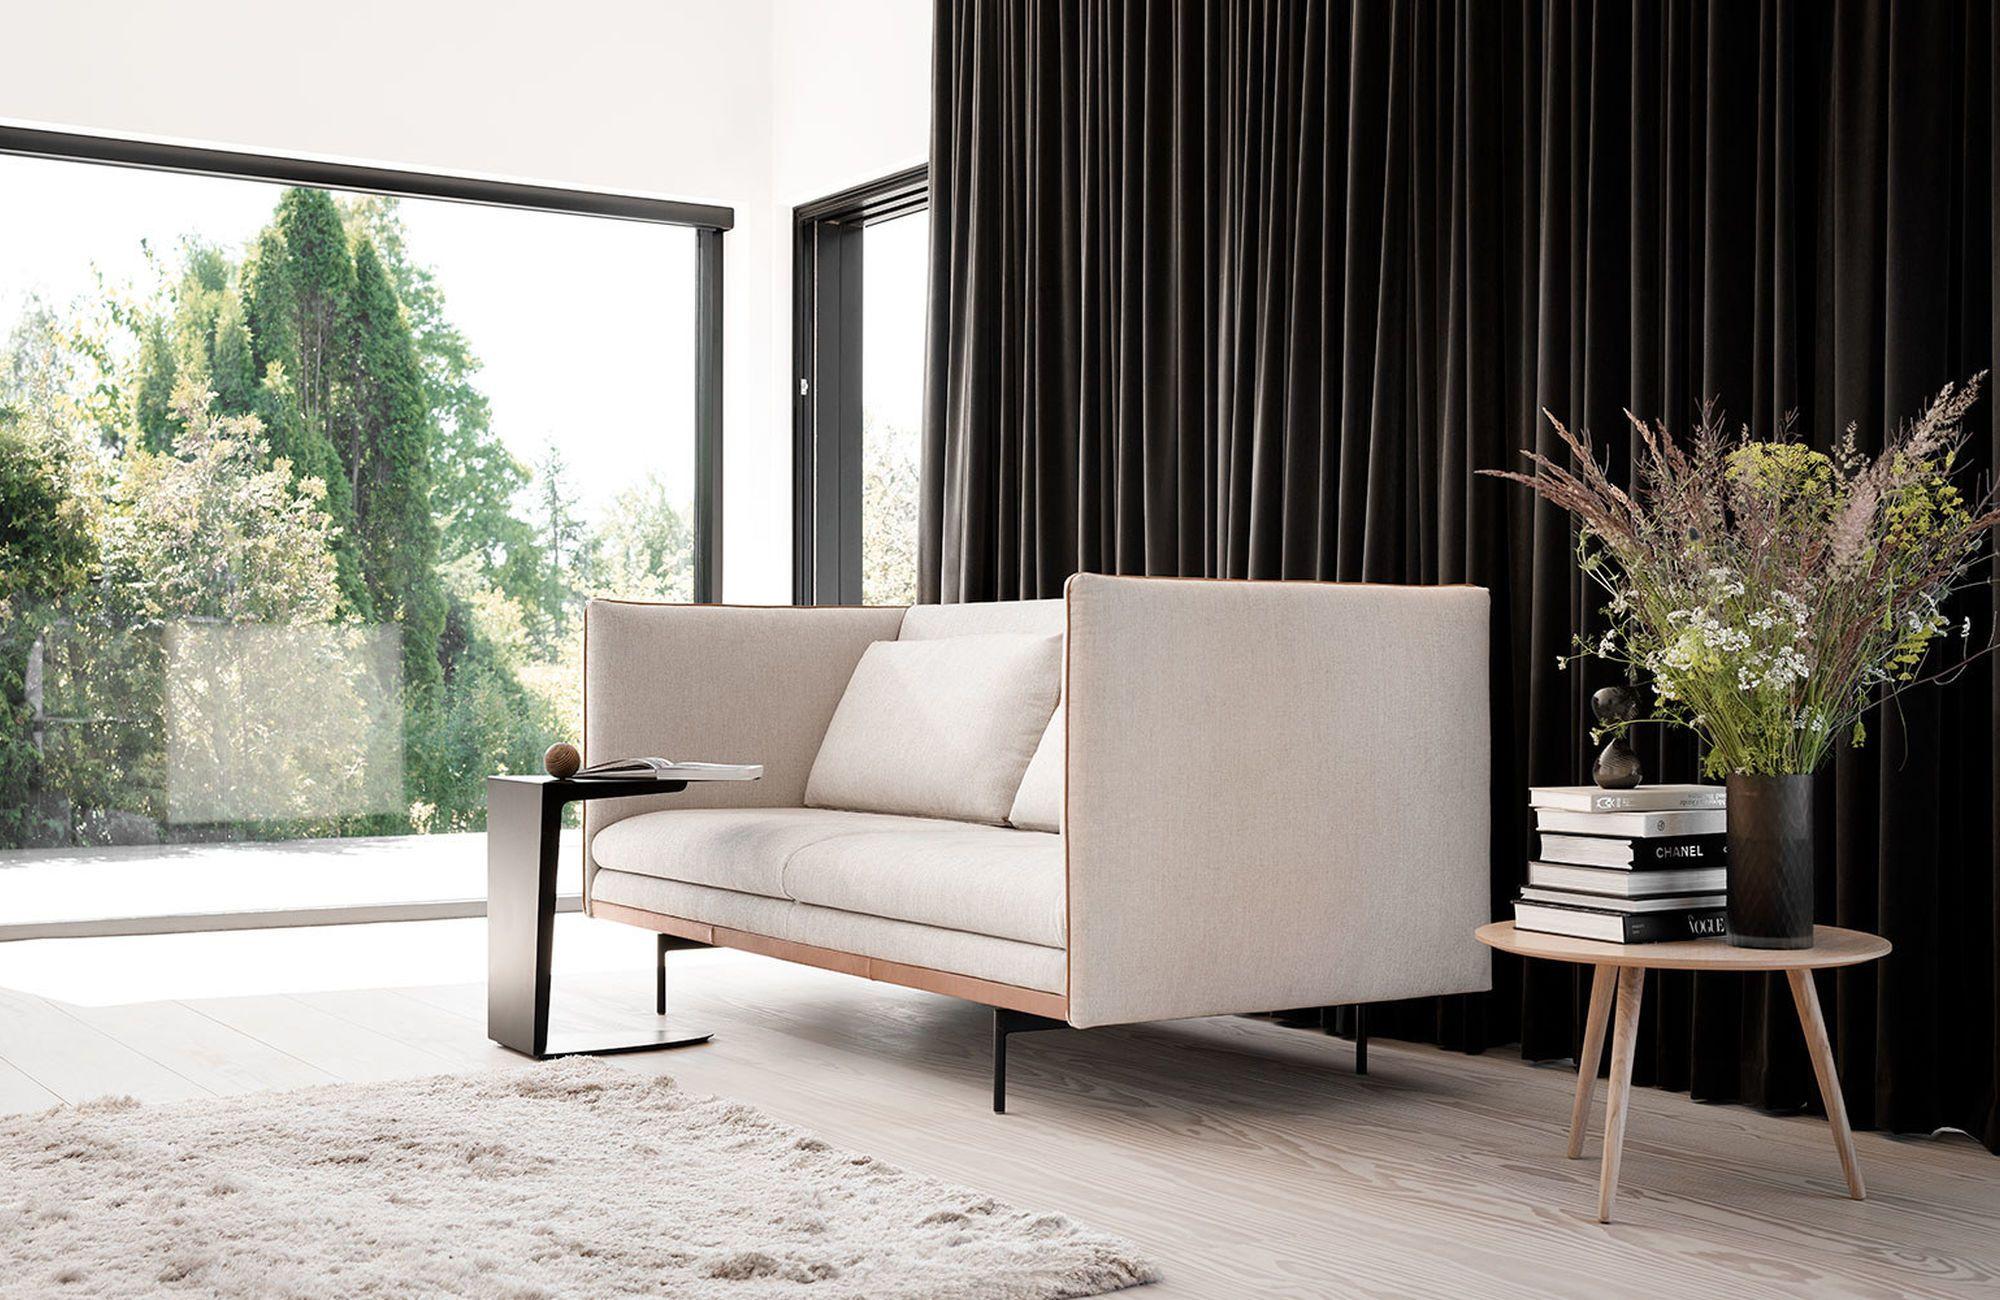 Nantes Sofa Scandinavian Sofas Scandinavian Sofa Design Scandinavian Interior Design